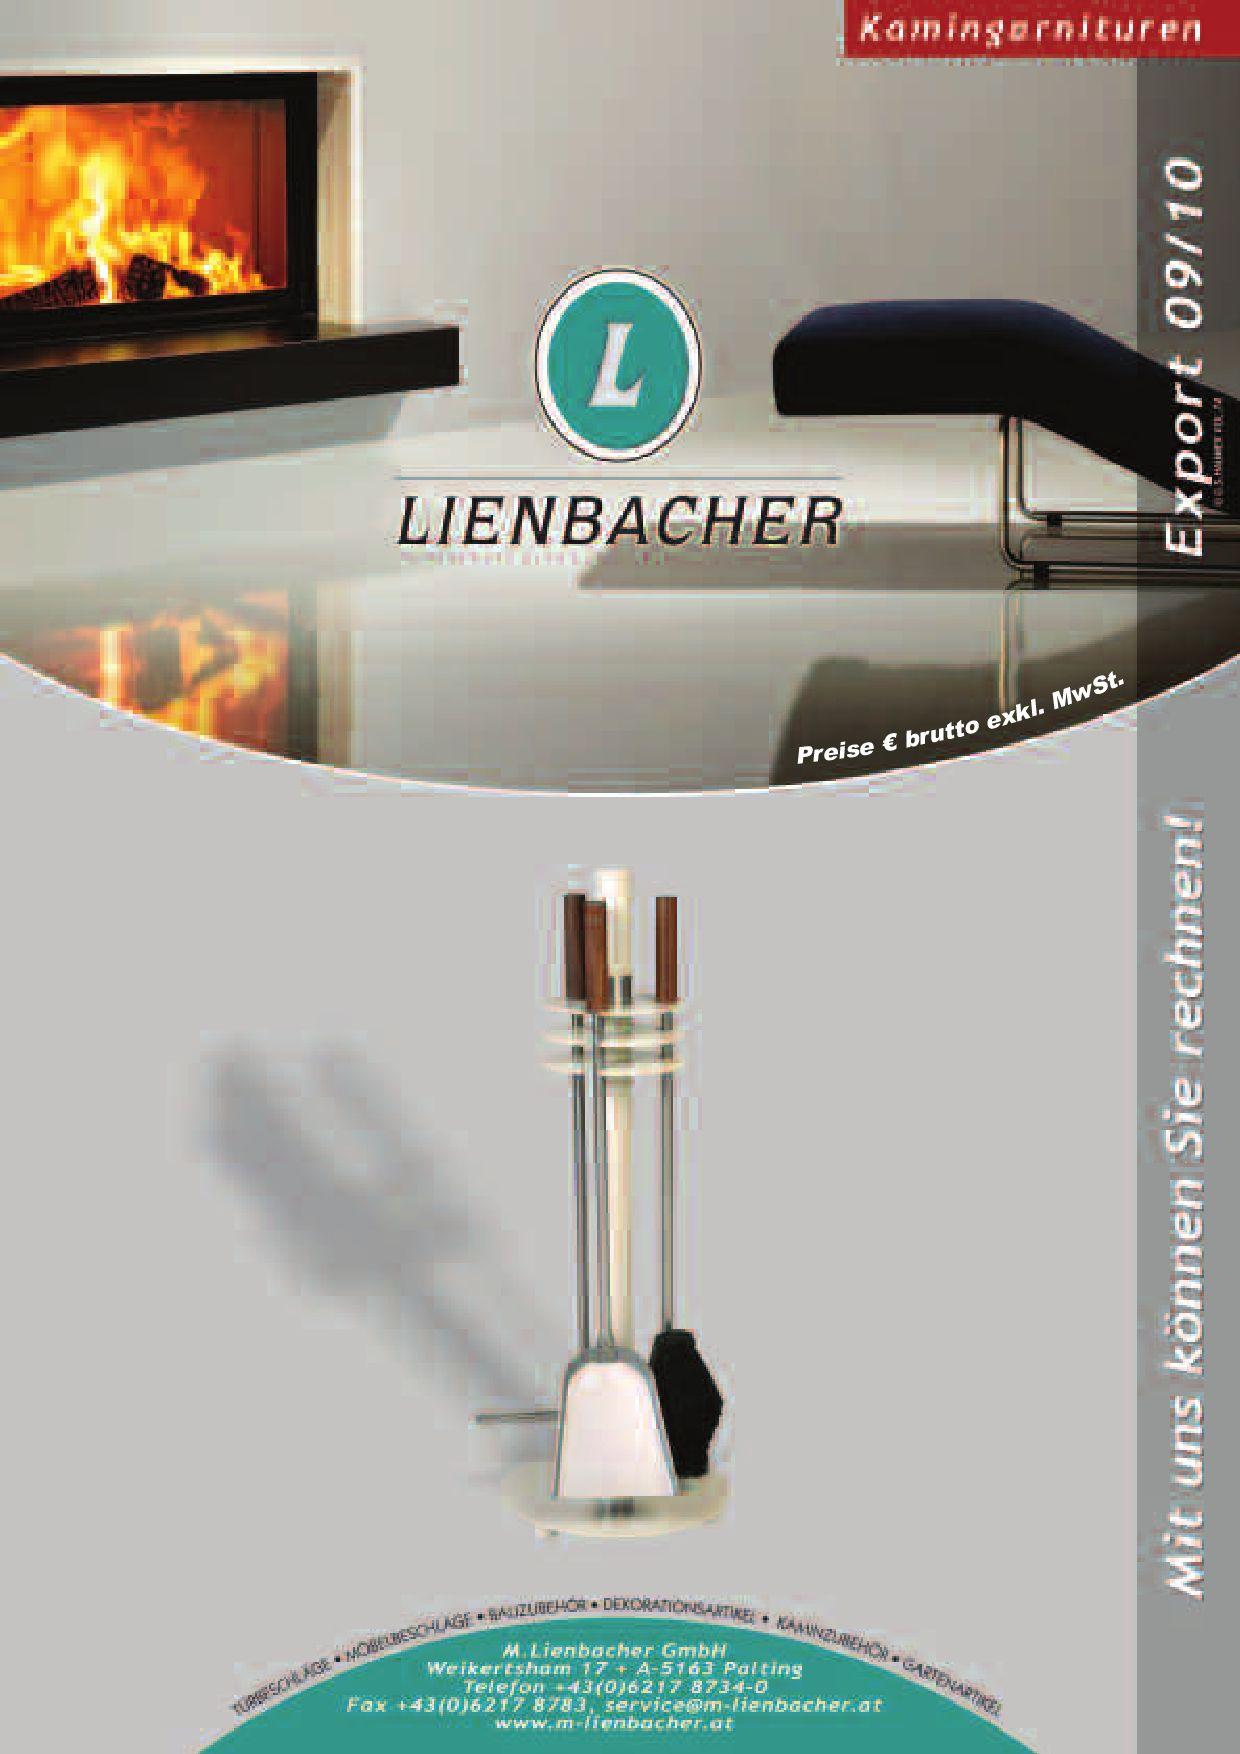 Kaminbesteck Kamingarnitur Lienbacher Edelstahl 4teilig H64cm